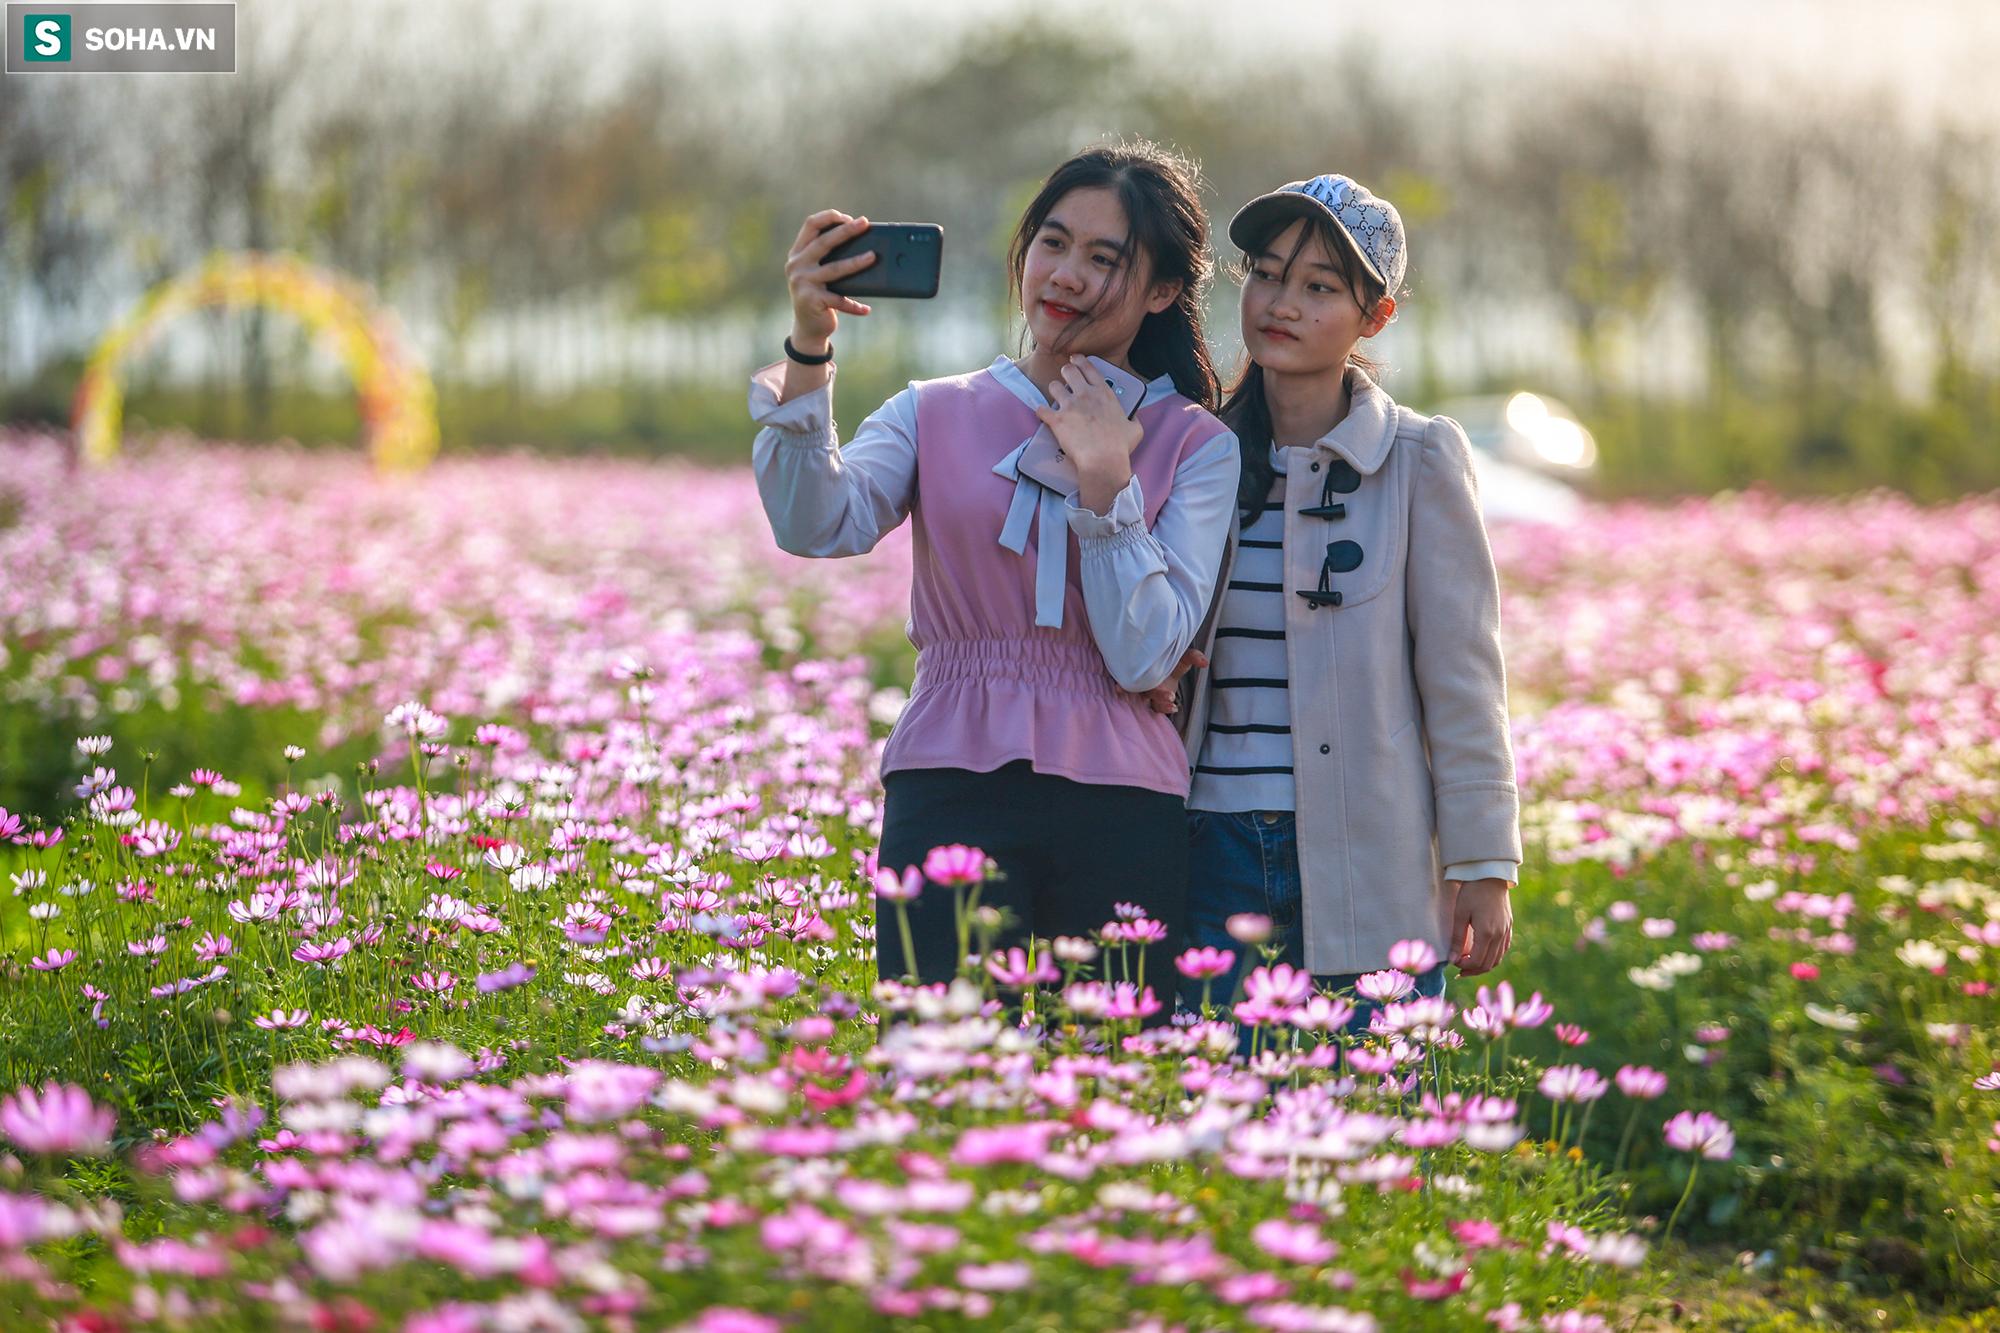 Mê mẩn cánh đồng hoa sao nhái đầy màu sắc được giới trẻ săn tìm để check-in ở Quảng Bình - Ảnh 9.